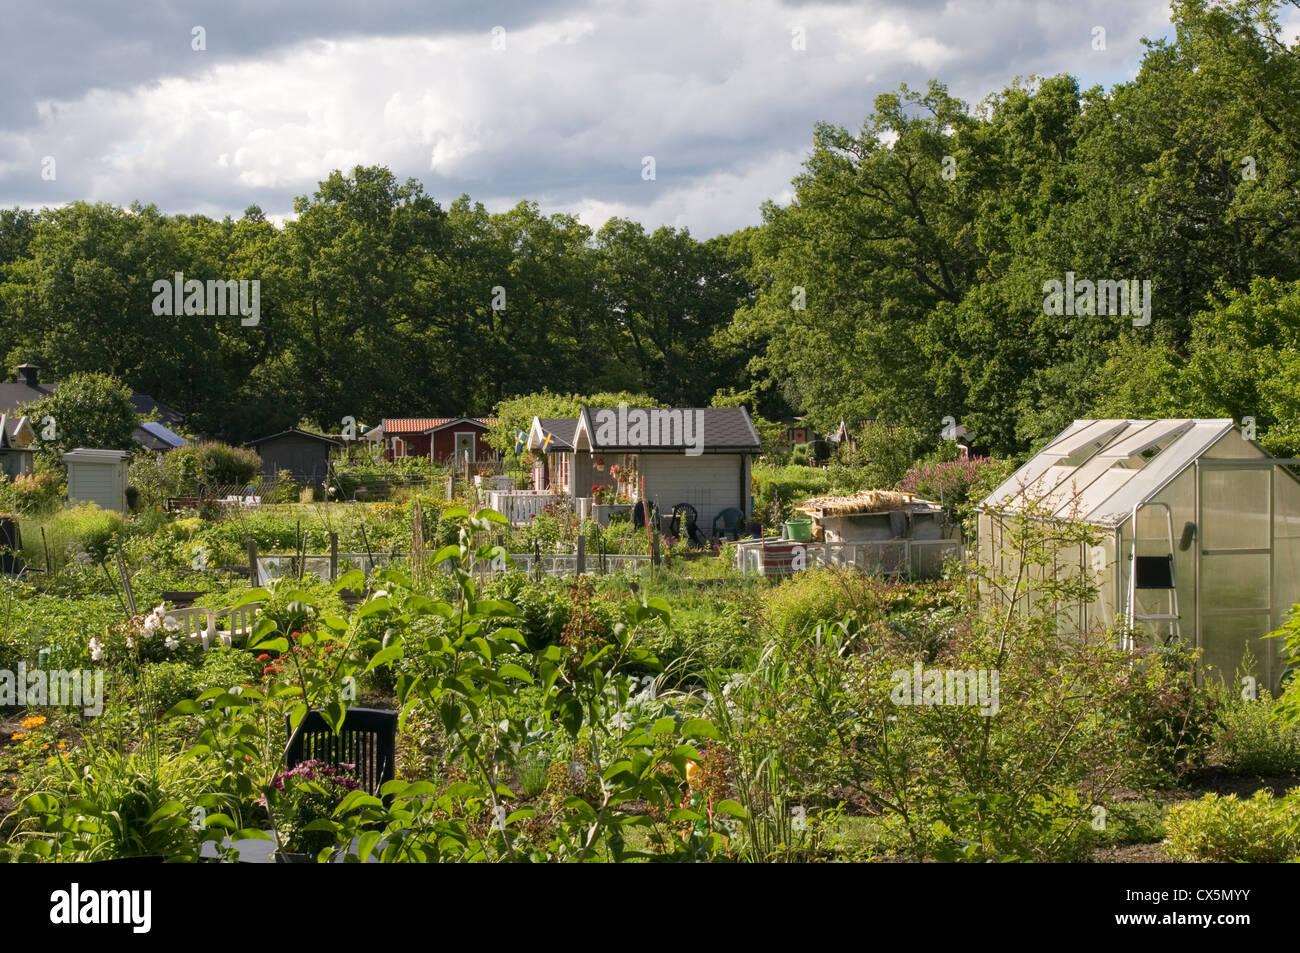 Zuteilung Kleingarten Gewachshaus Gewachshauser Grune Haus Hauser